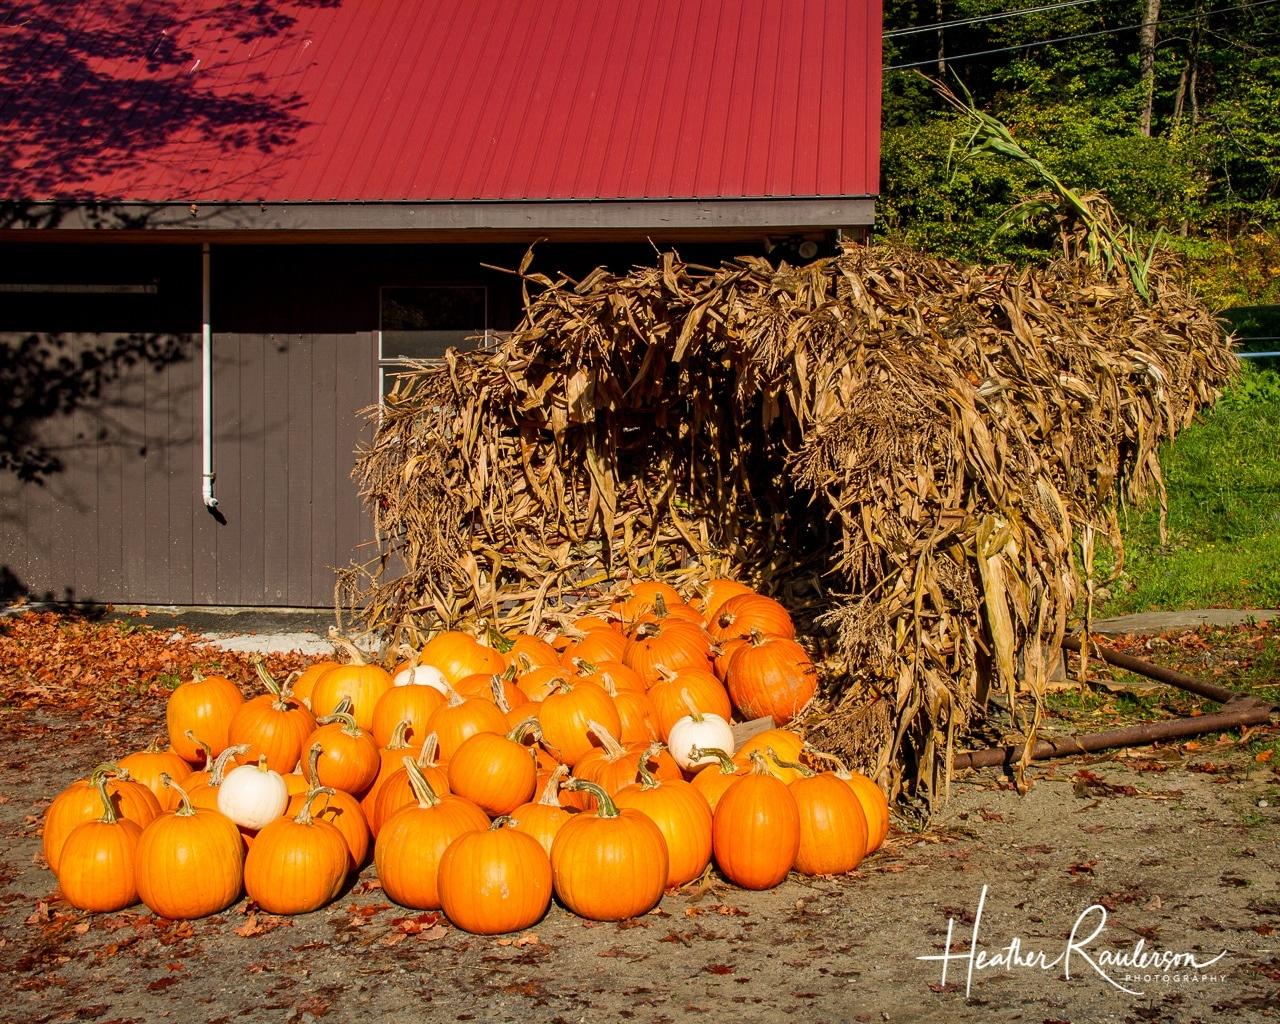 A cornucopia of pumpkins